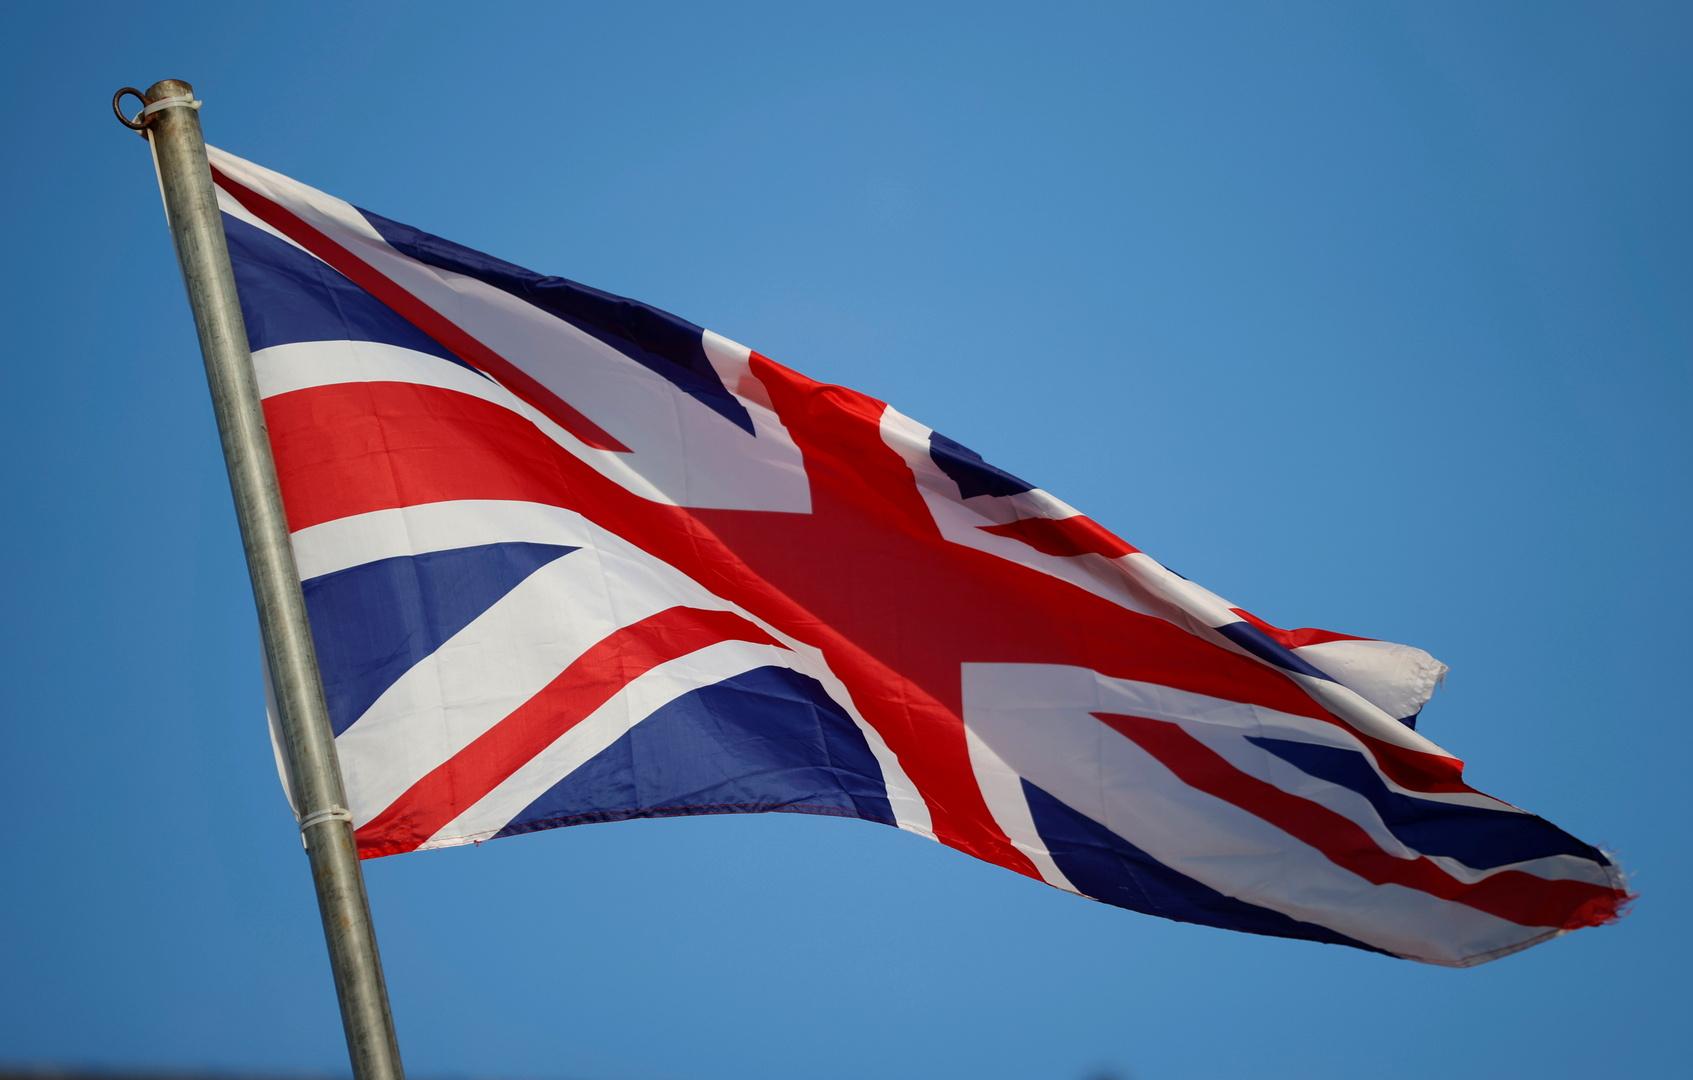 بريطانيا تقدم حزمة دعم بقيمة 4.6 مليار جنيه إسترليني للشركات